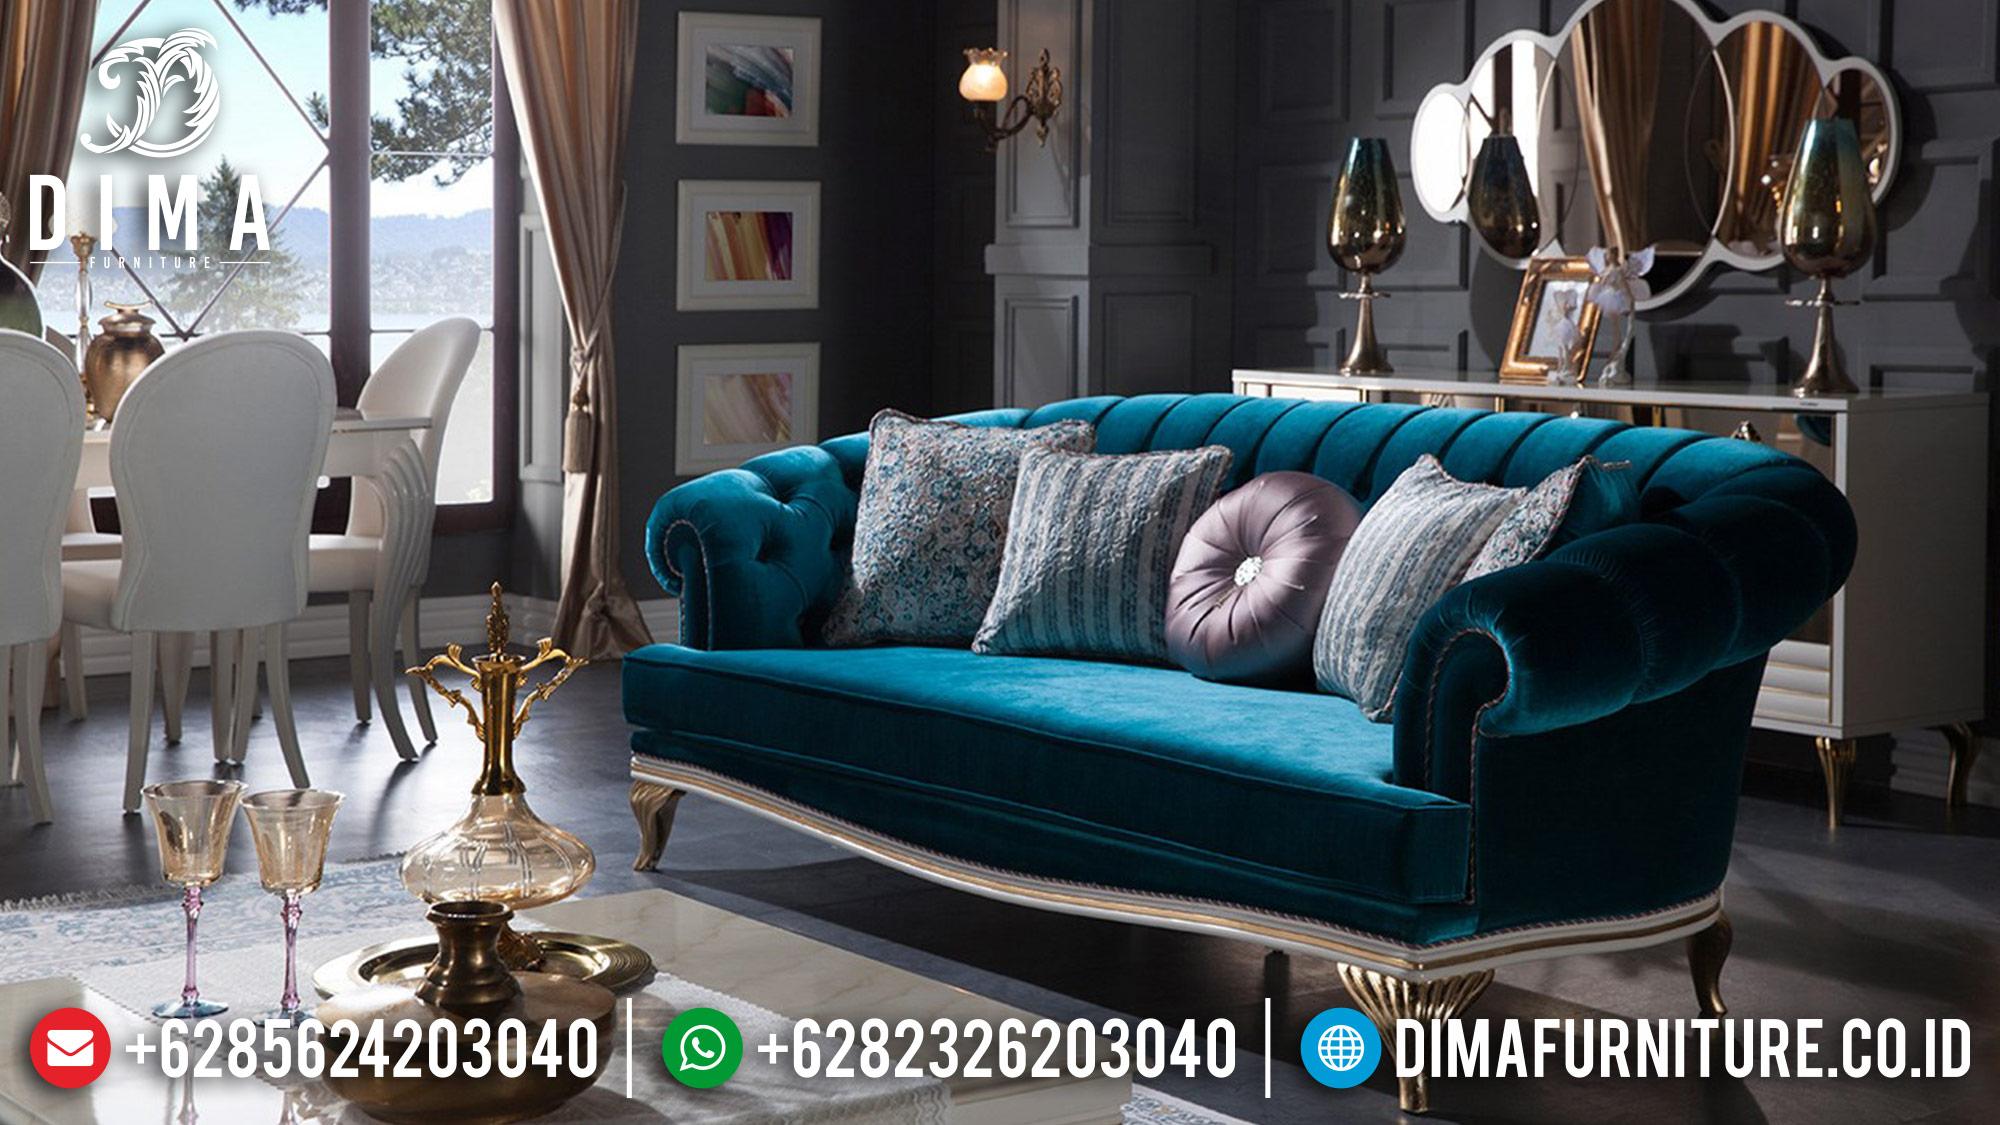 Mebel Jepara Terbaru Set Sofa Tamu Mewah Elite Koltuk DF-0567 Gambar 1